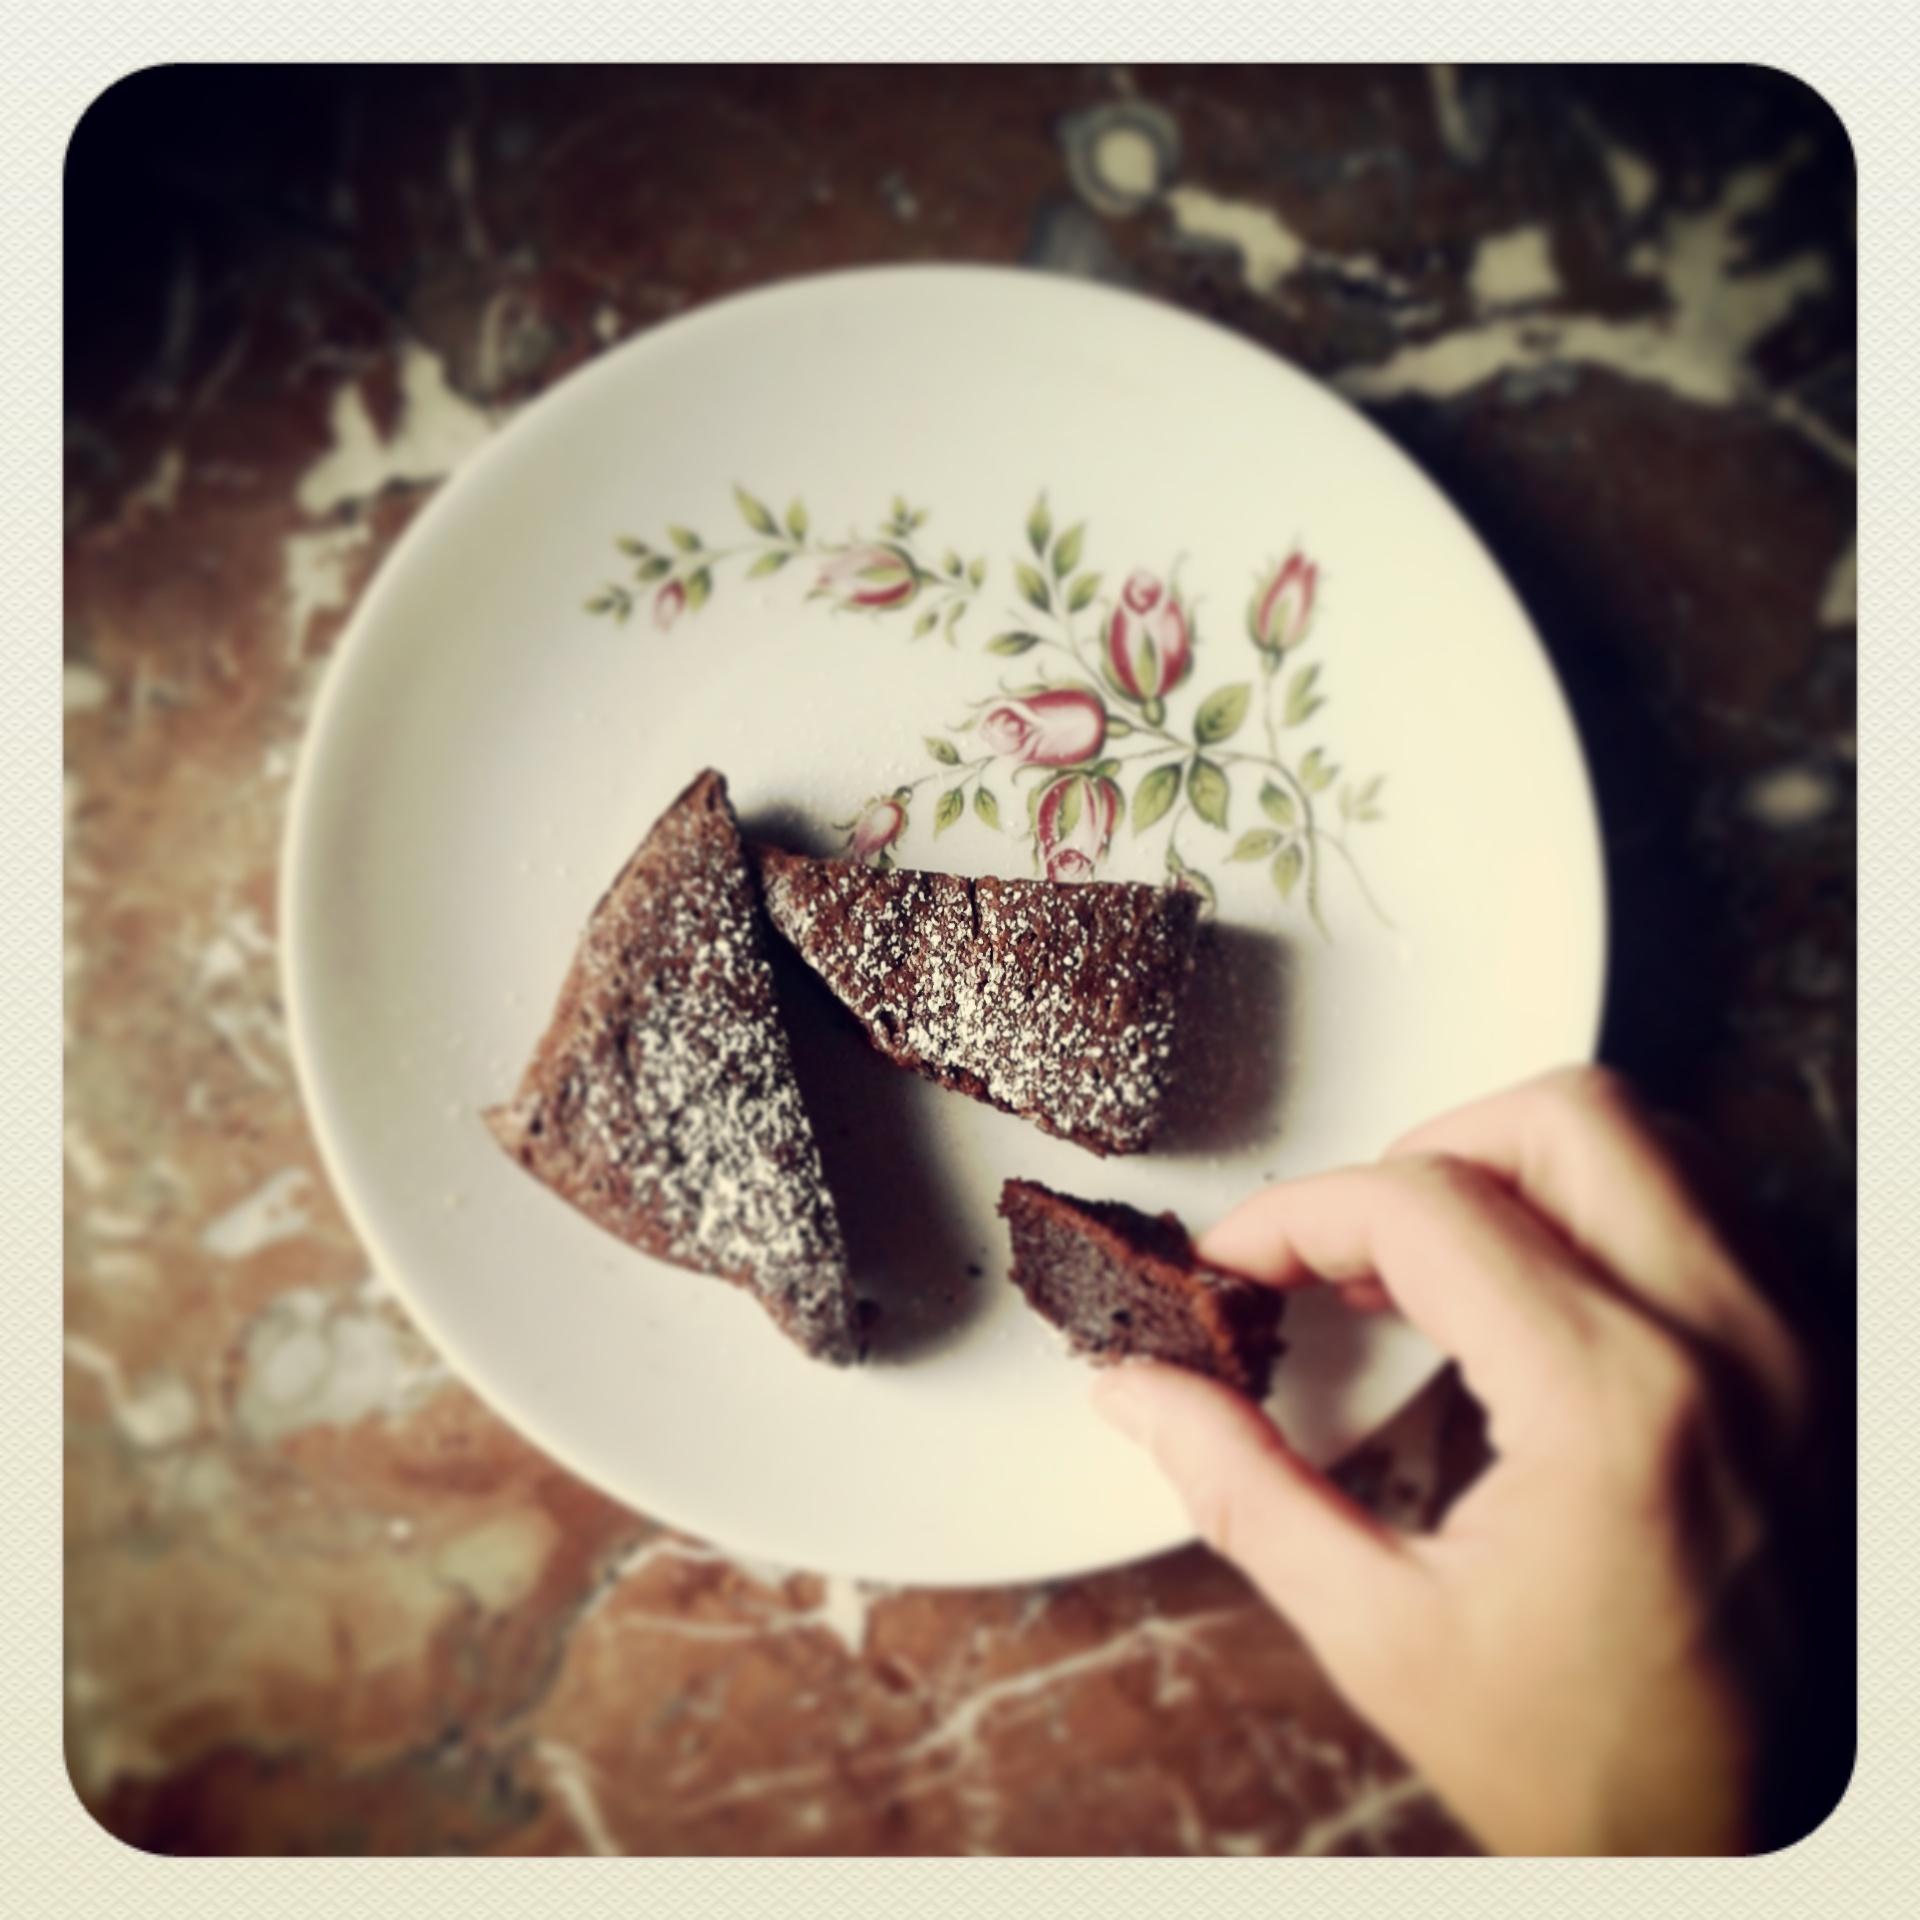 Le fondant au chocolat la table d 39 aline - Fondant au chocolat la table a dessert ...